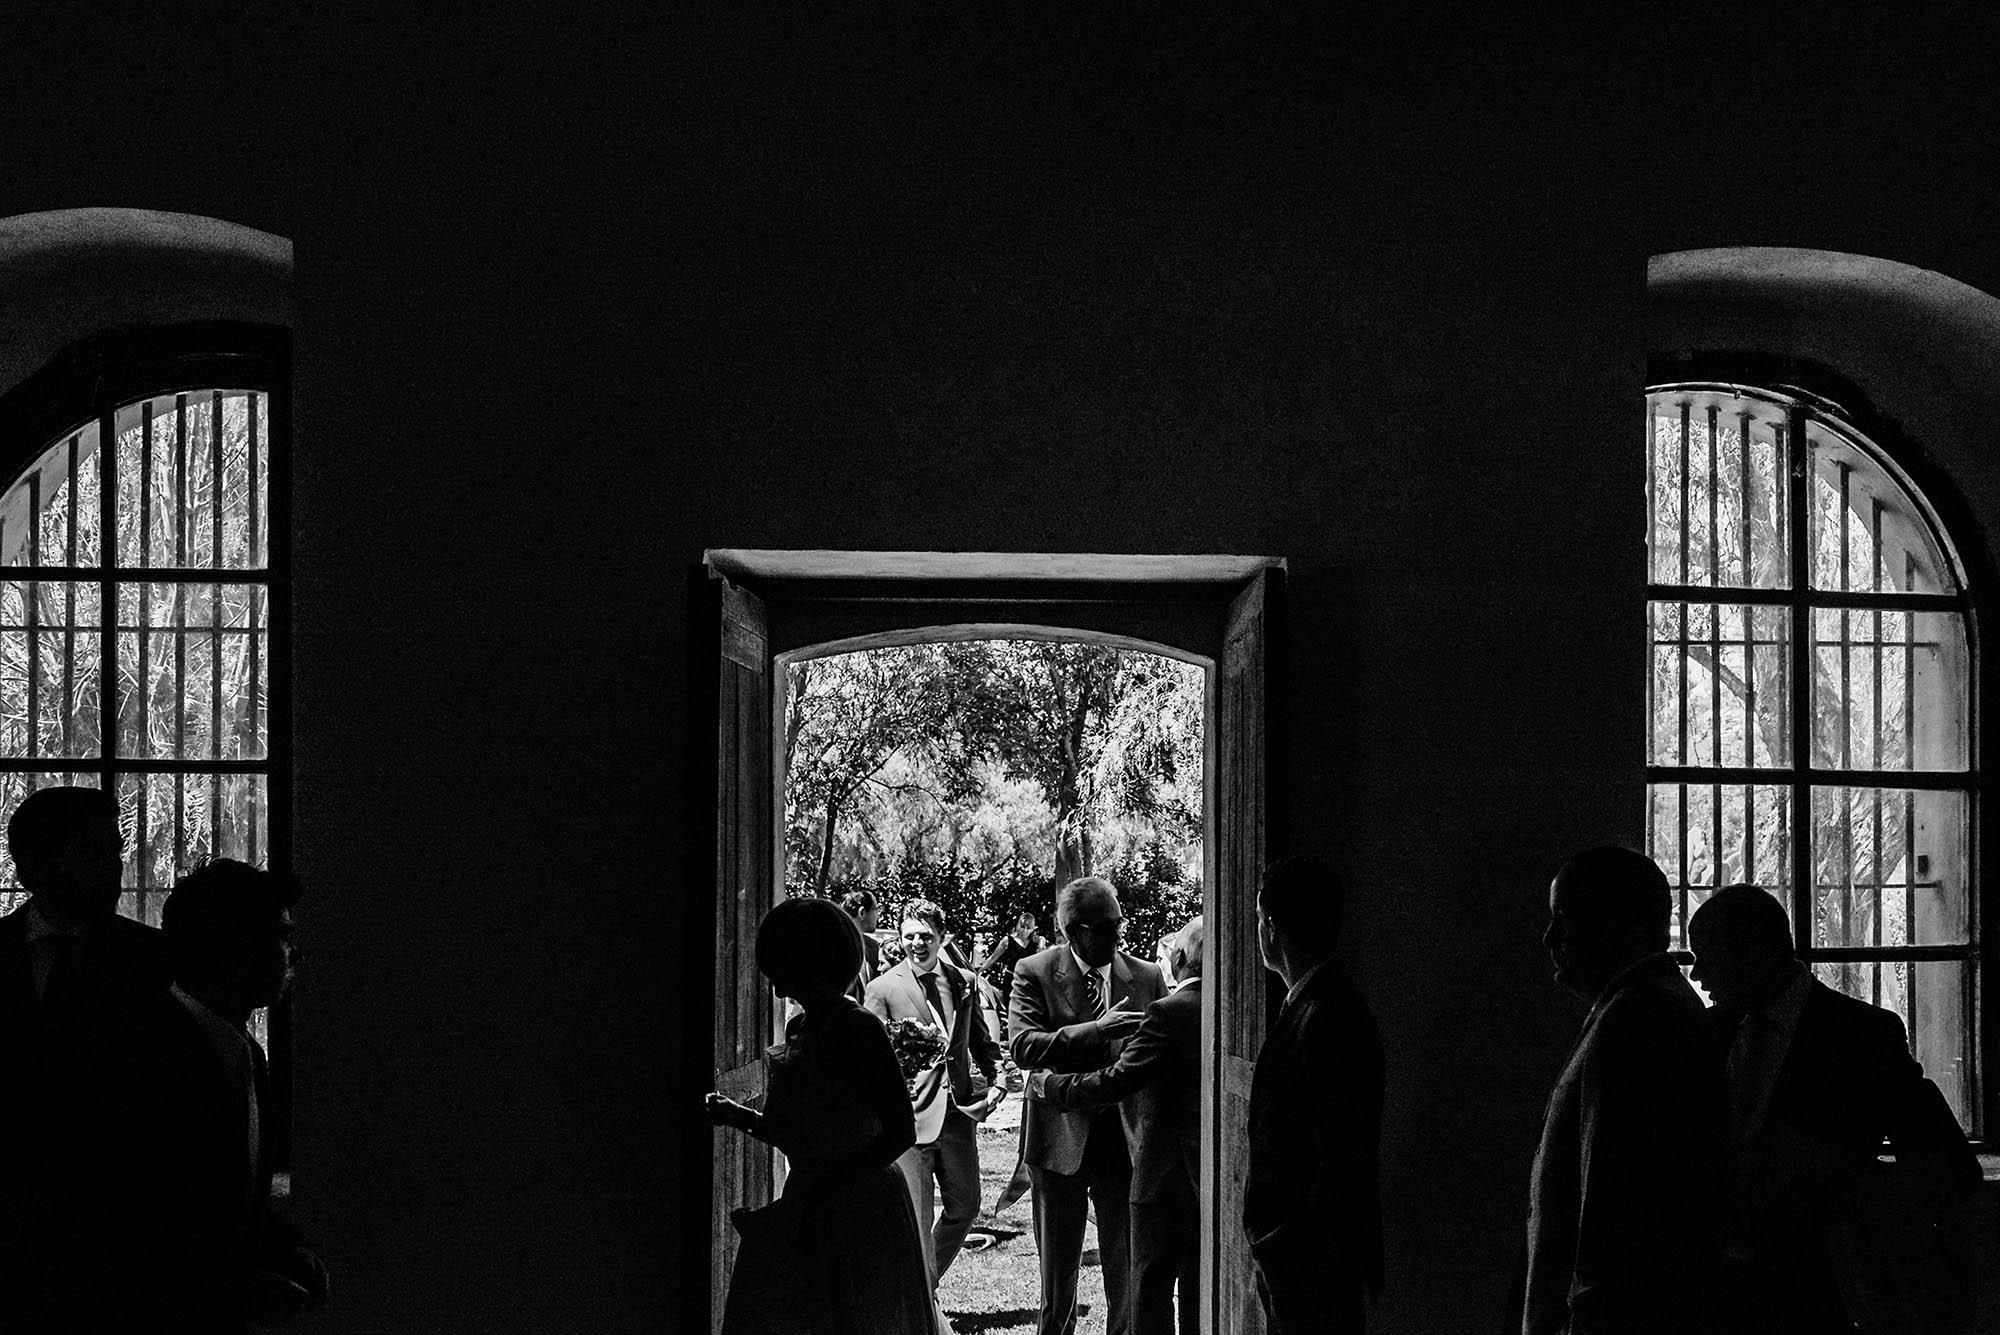 fotografo_de_bodas_queretaro_hacienda_casa_del_molino_17.jpg